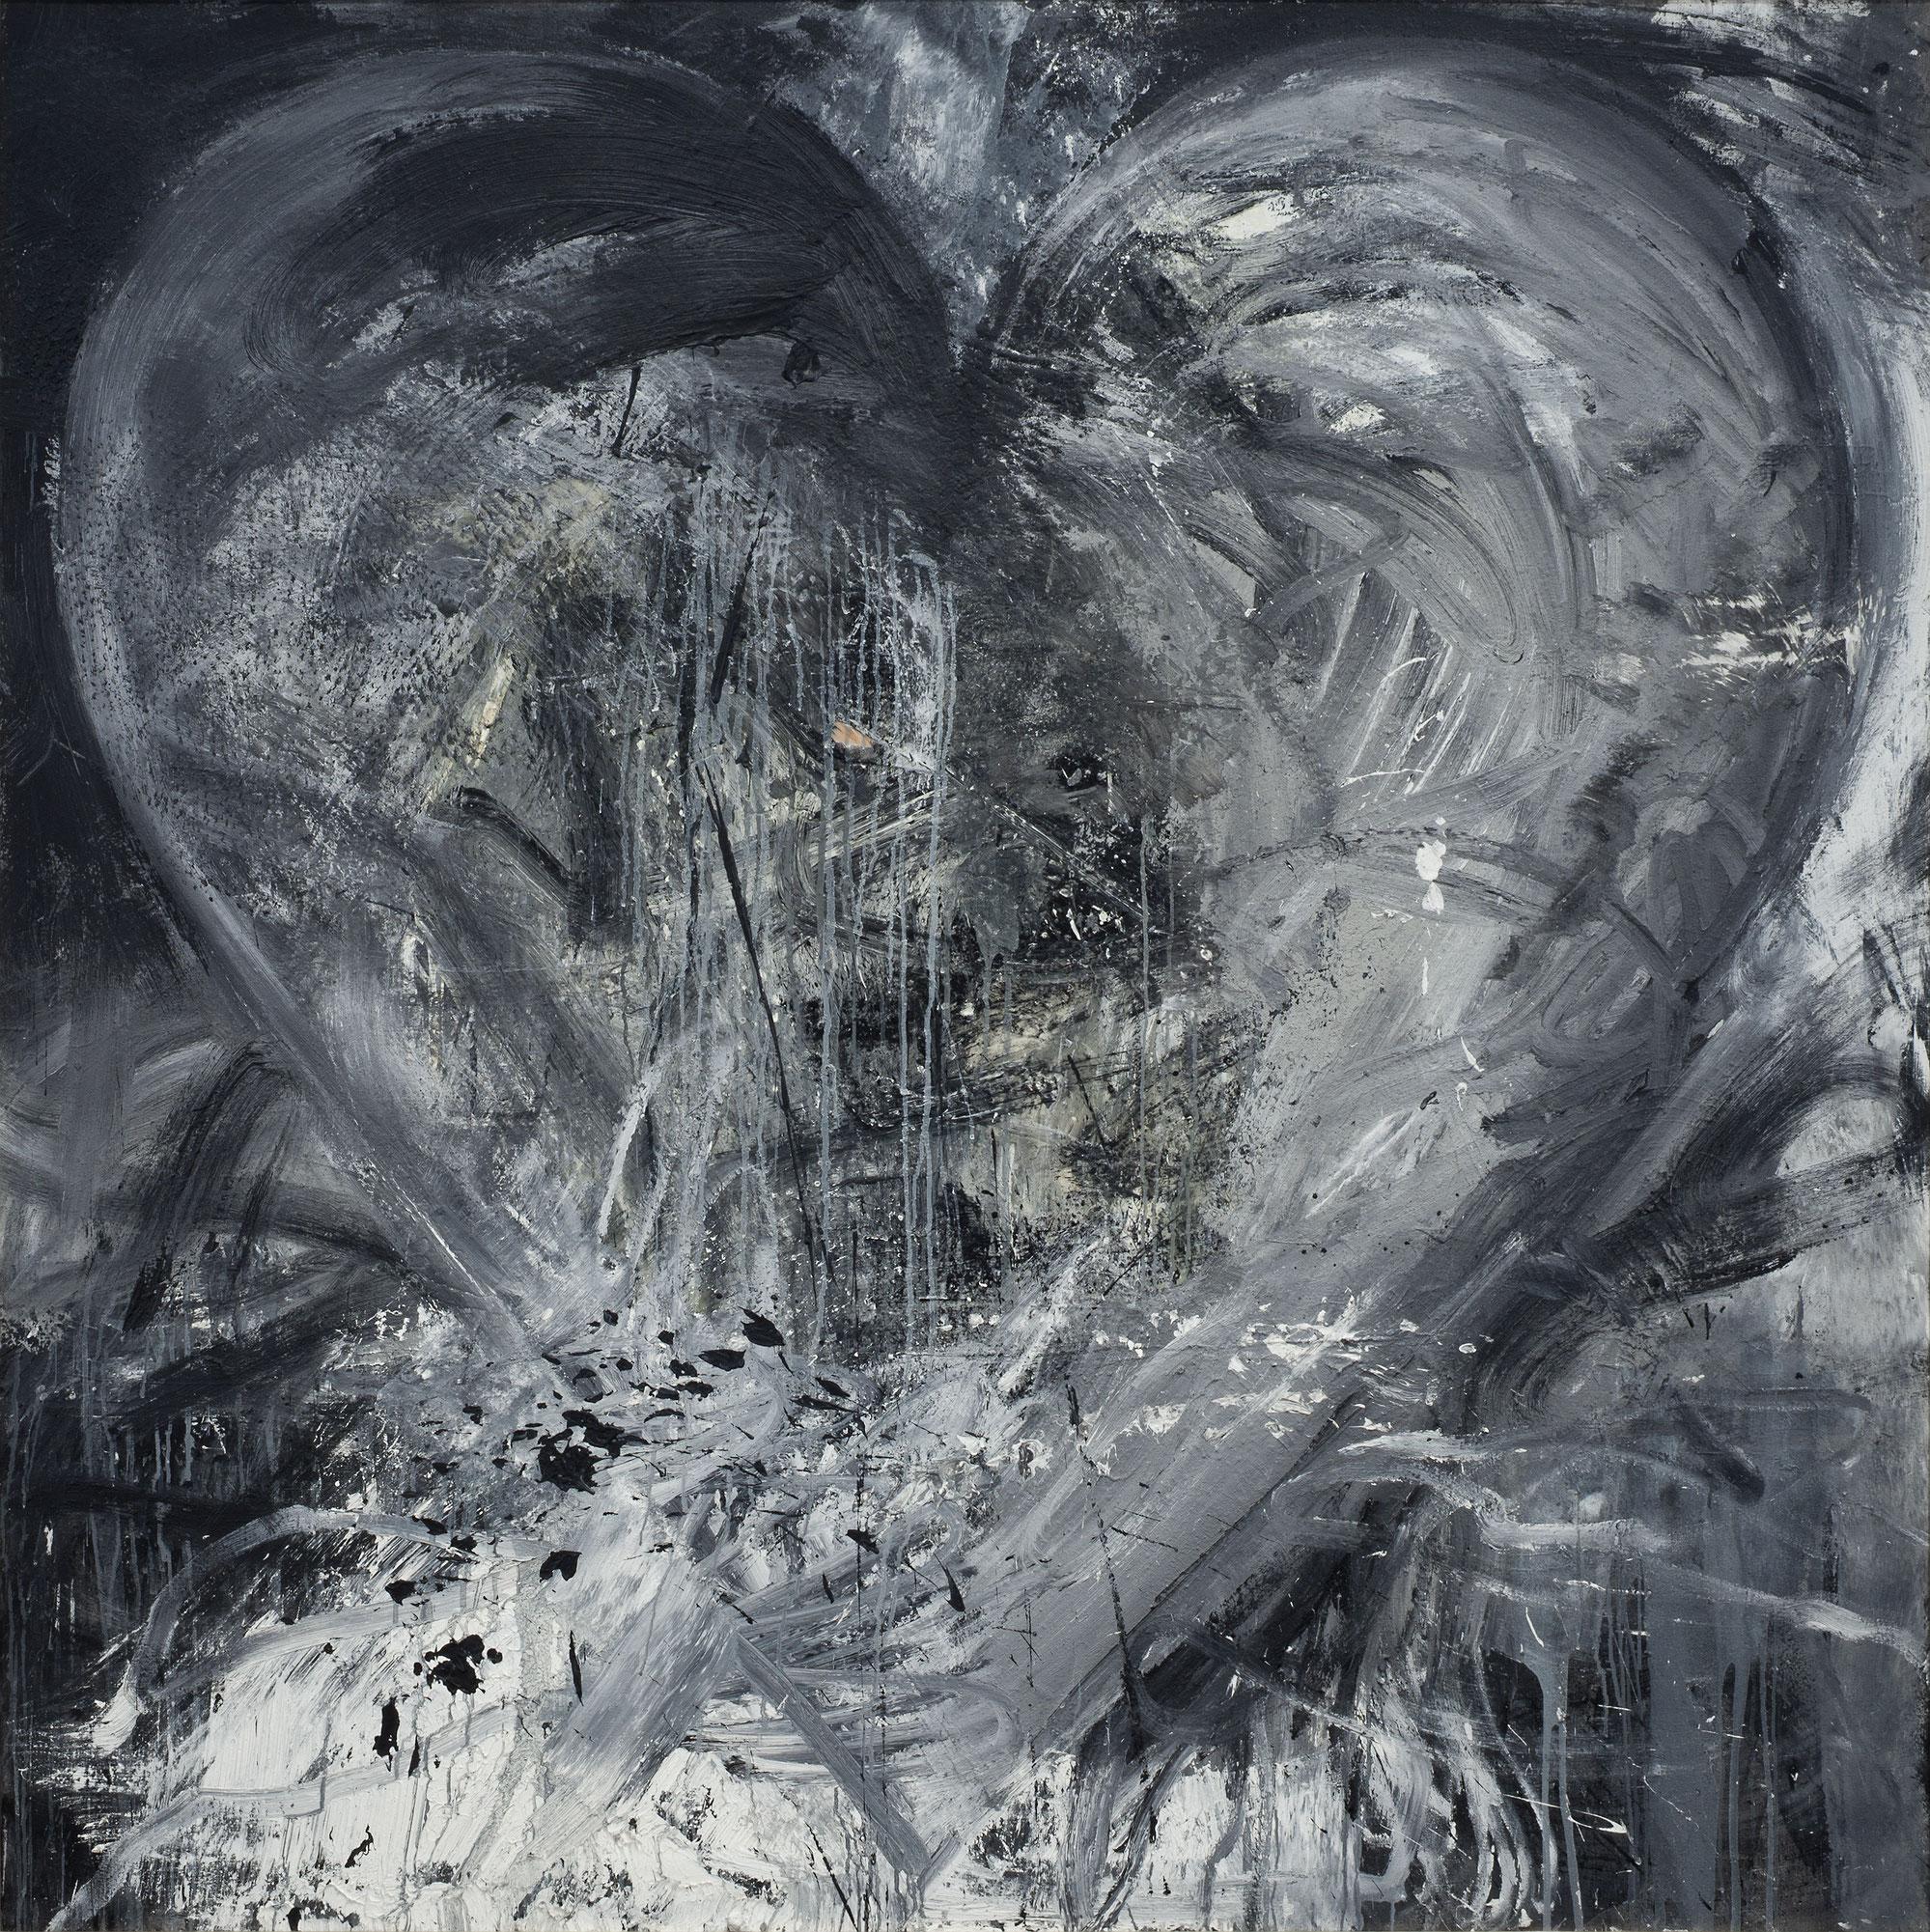 At Smithfield, 1981, Jim Dine, Acrylique sur toile.